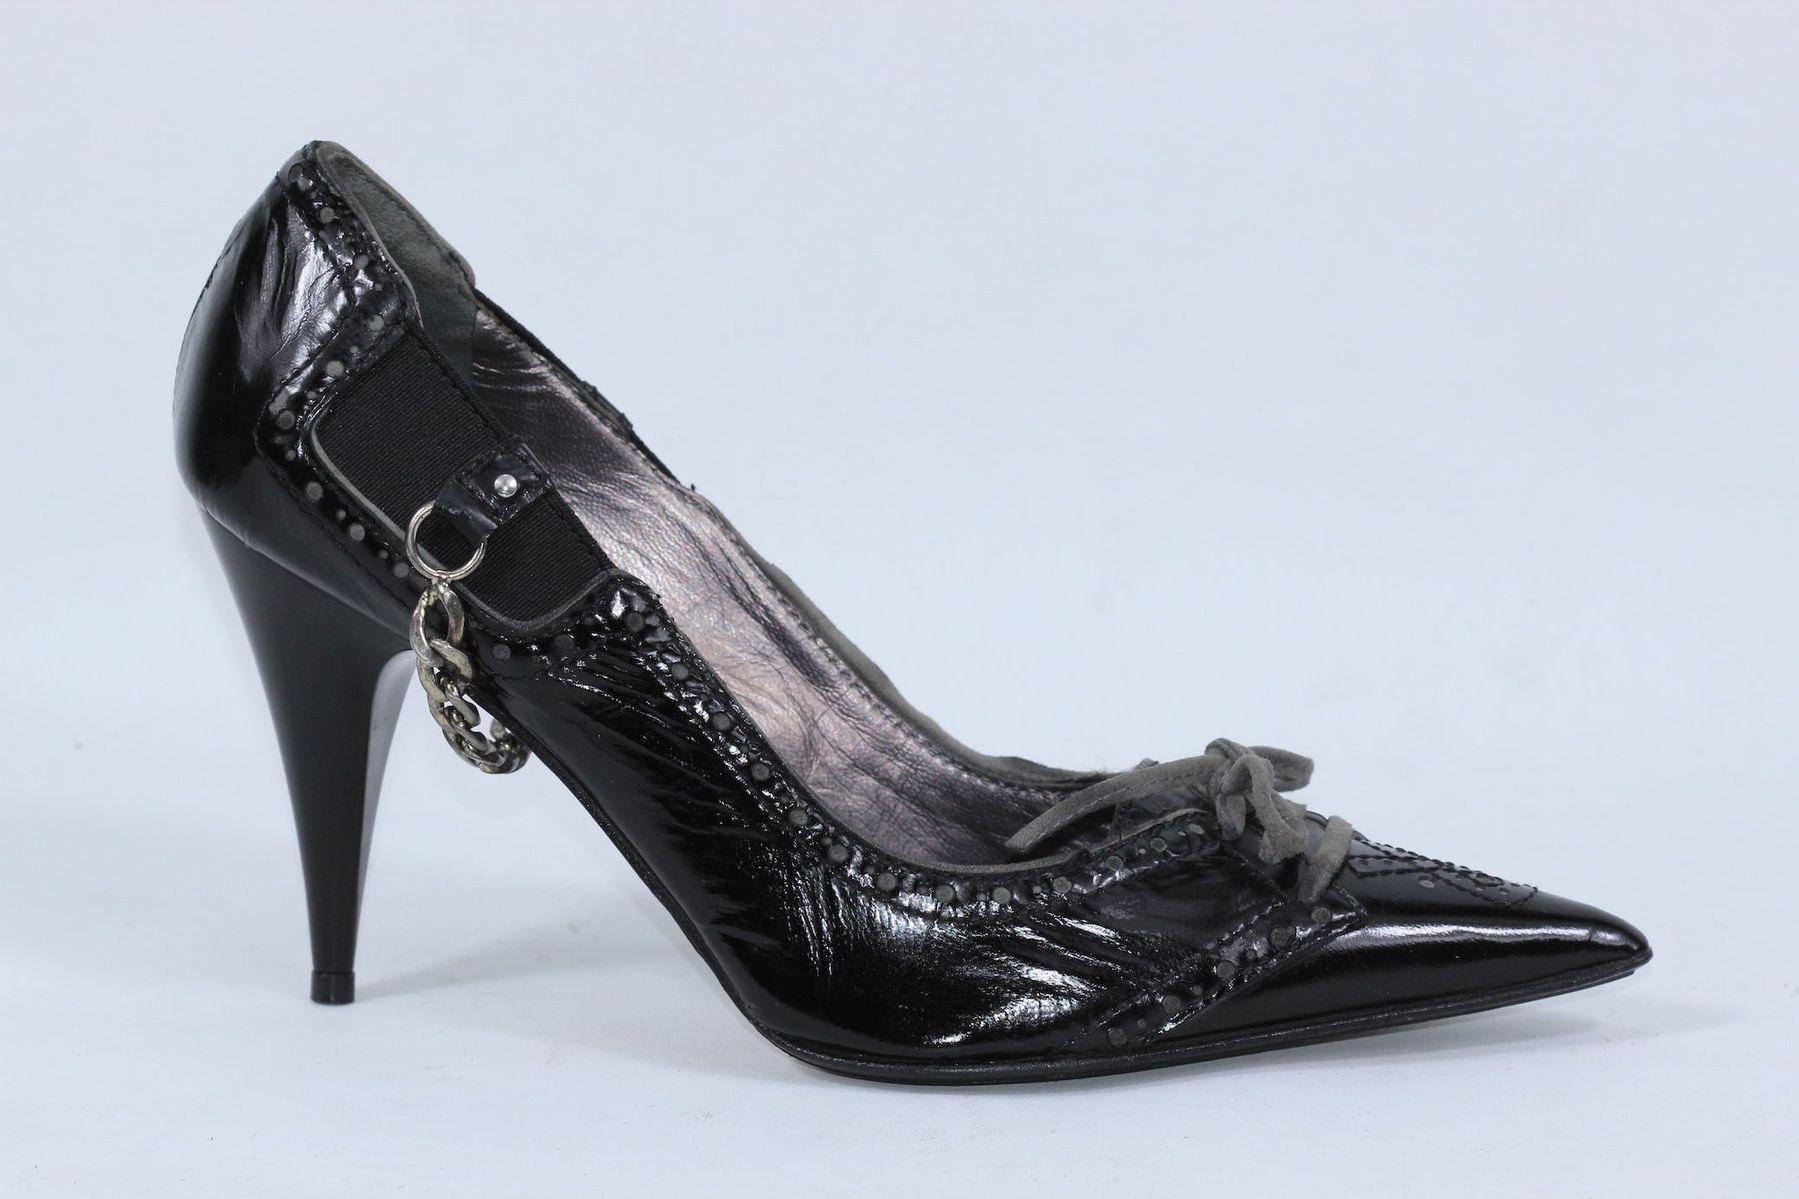 туфлі на підборах - Товари з Італії - купити італійське взуття в ... 604560fc4090b